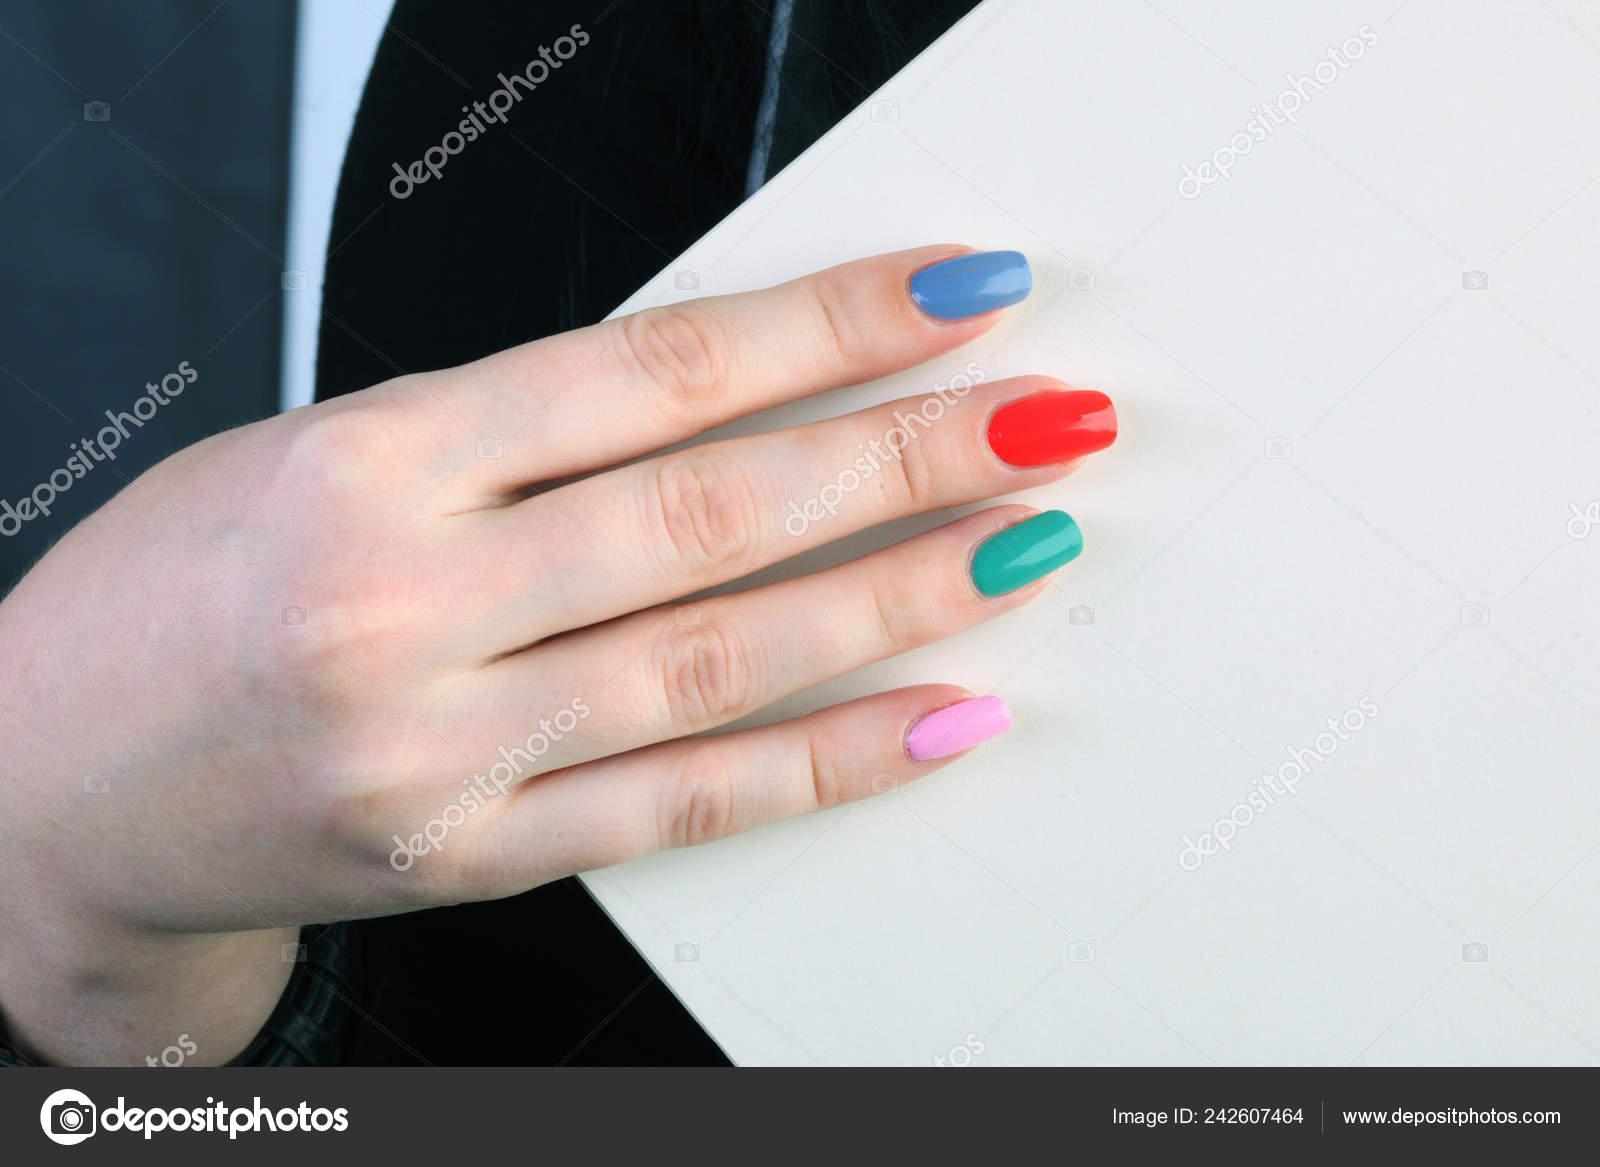 Cartel Las Manos Chica Con Uñas Pintadas Colores Foto De